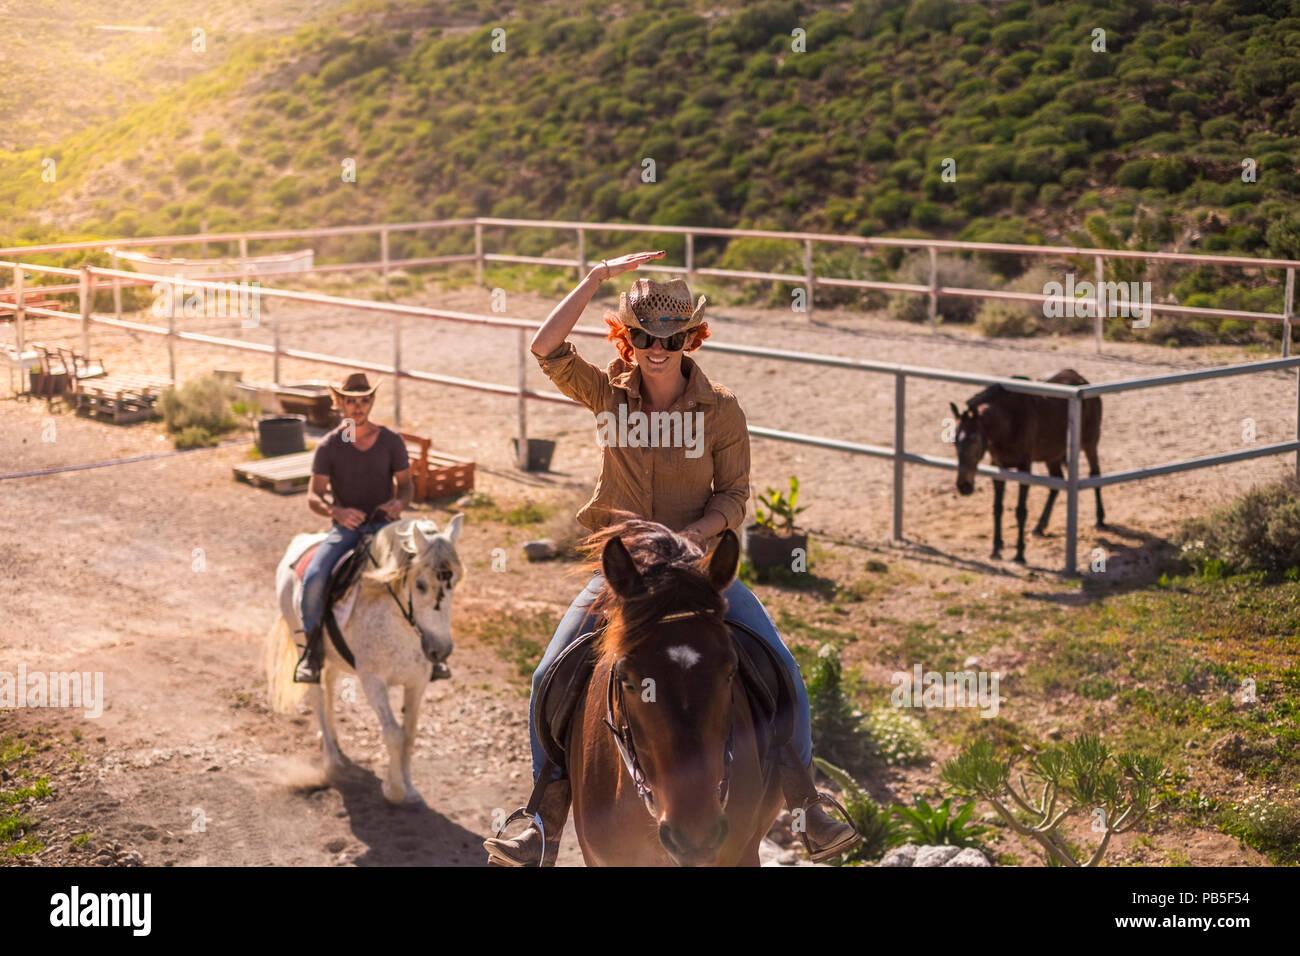 Paio di rider uomo e donna con Brown e cavalli bianchi andare e godere del tempo libero attività in viaggio escursione sulle montagne. moderna cowbo Immagini Stock